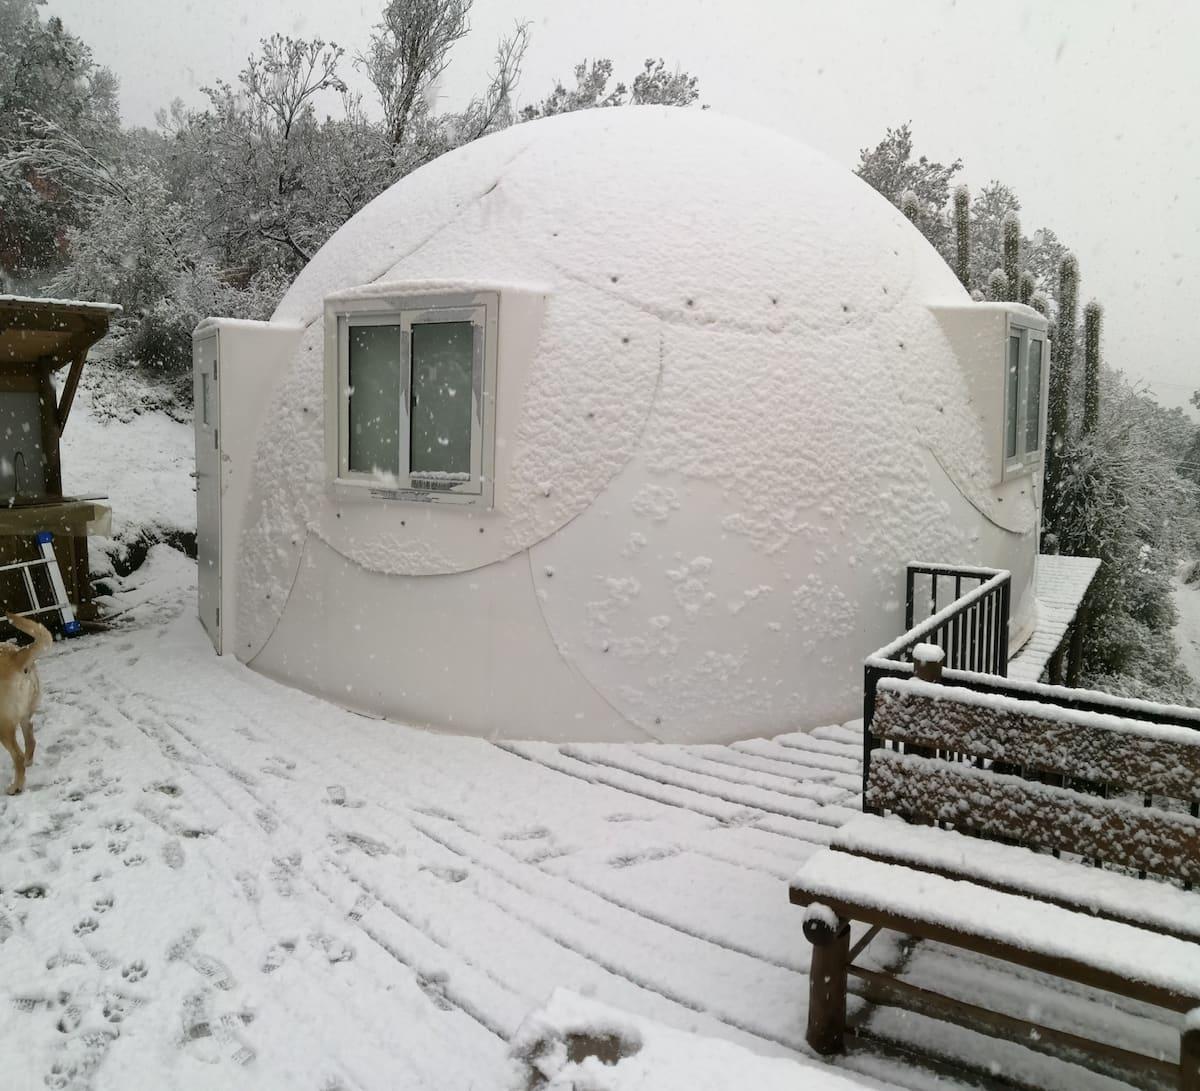 Unique Airbnb Dome